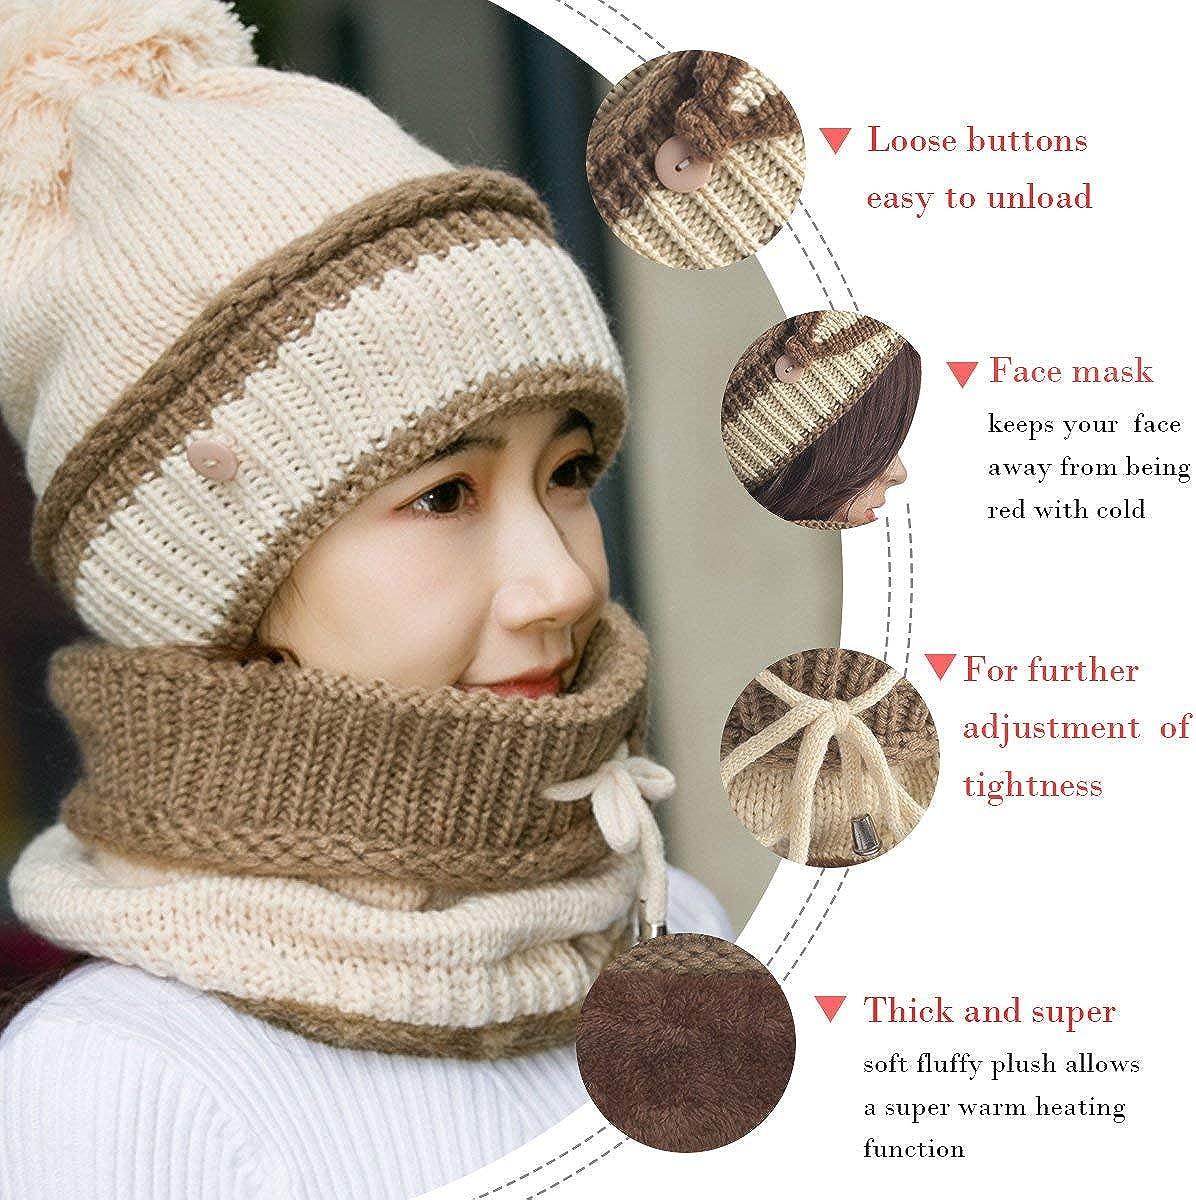 Cyiecw Winter Beanie Hat Schal und Maskenset 3-teilig Slouchy Snow Knit Skull Cap Infinity Schals f/ür Frauen